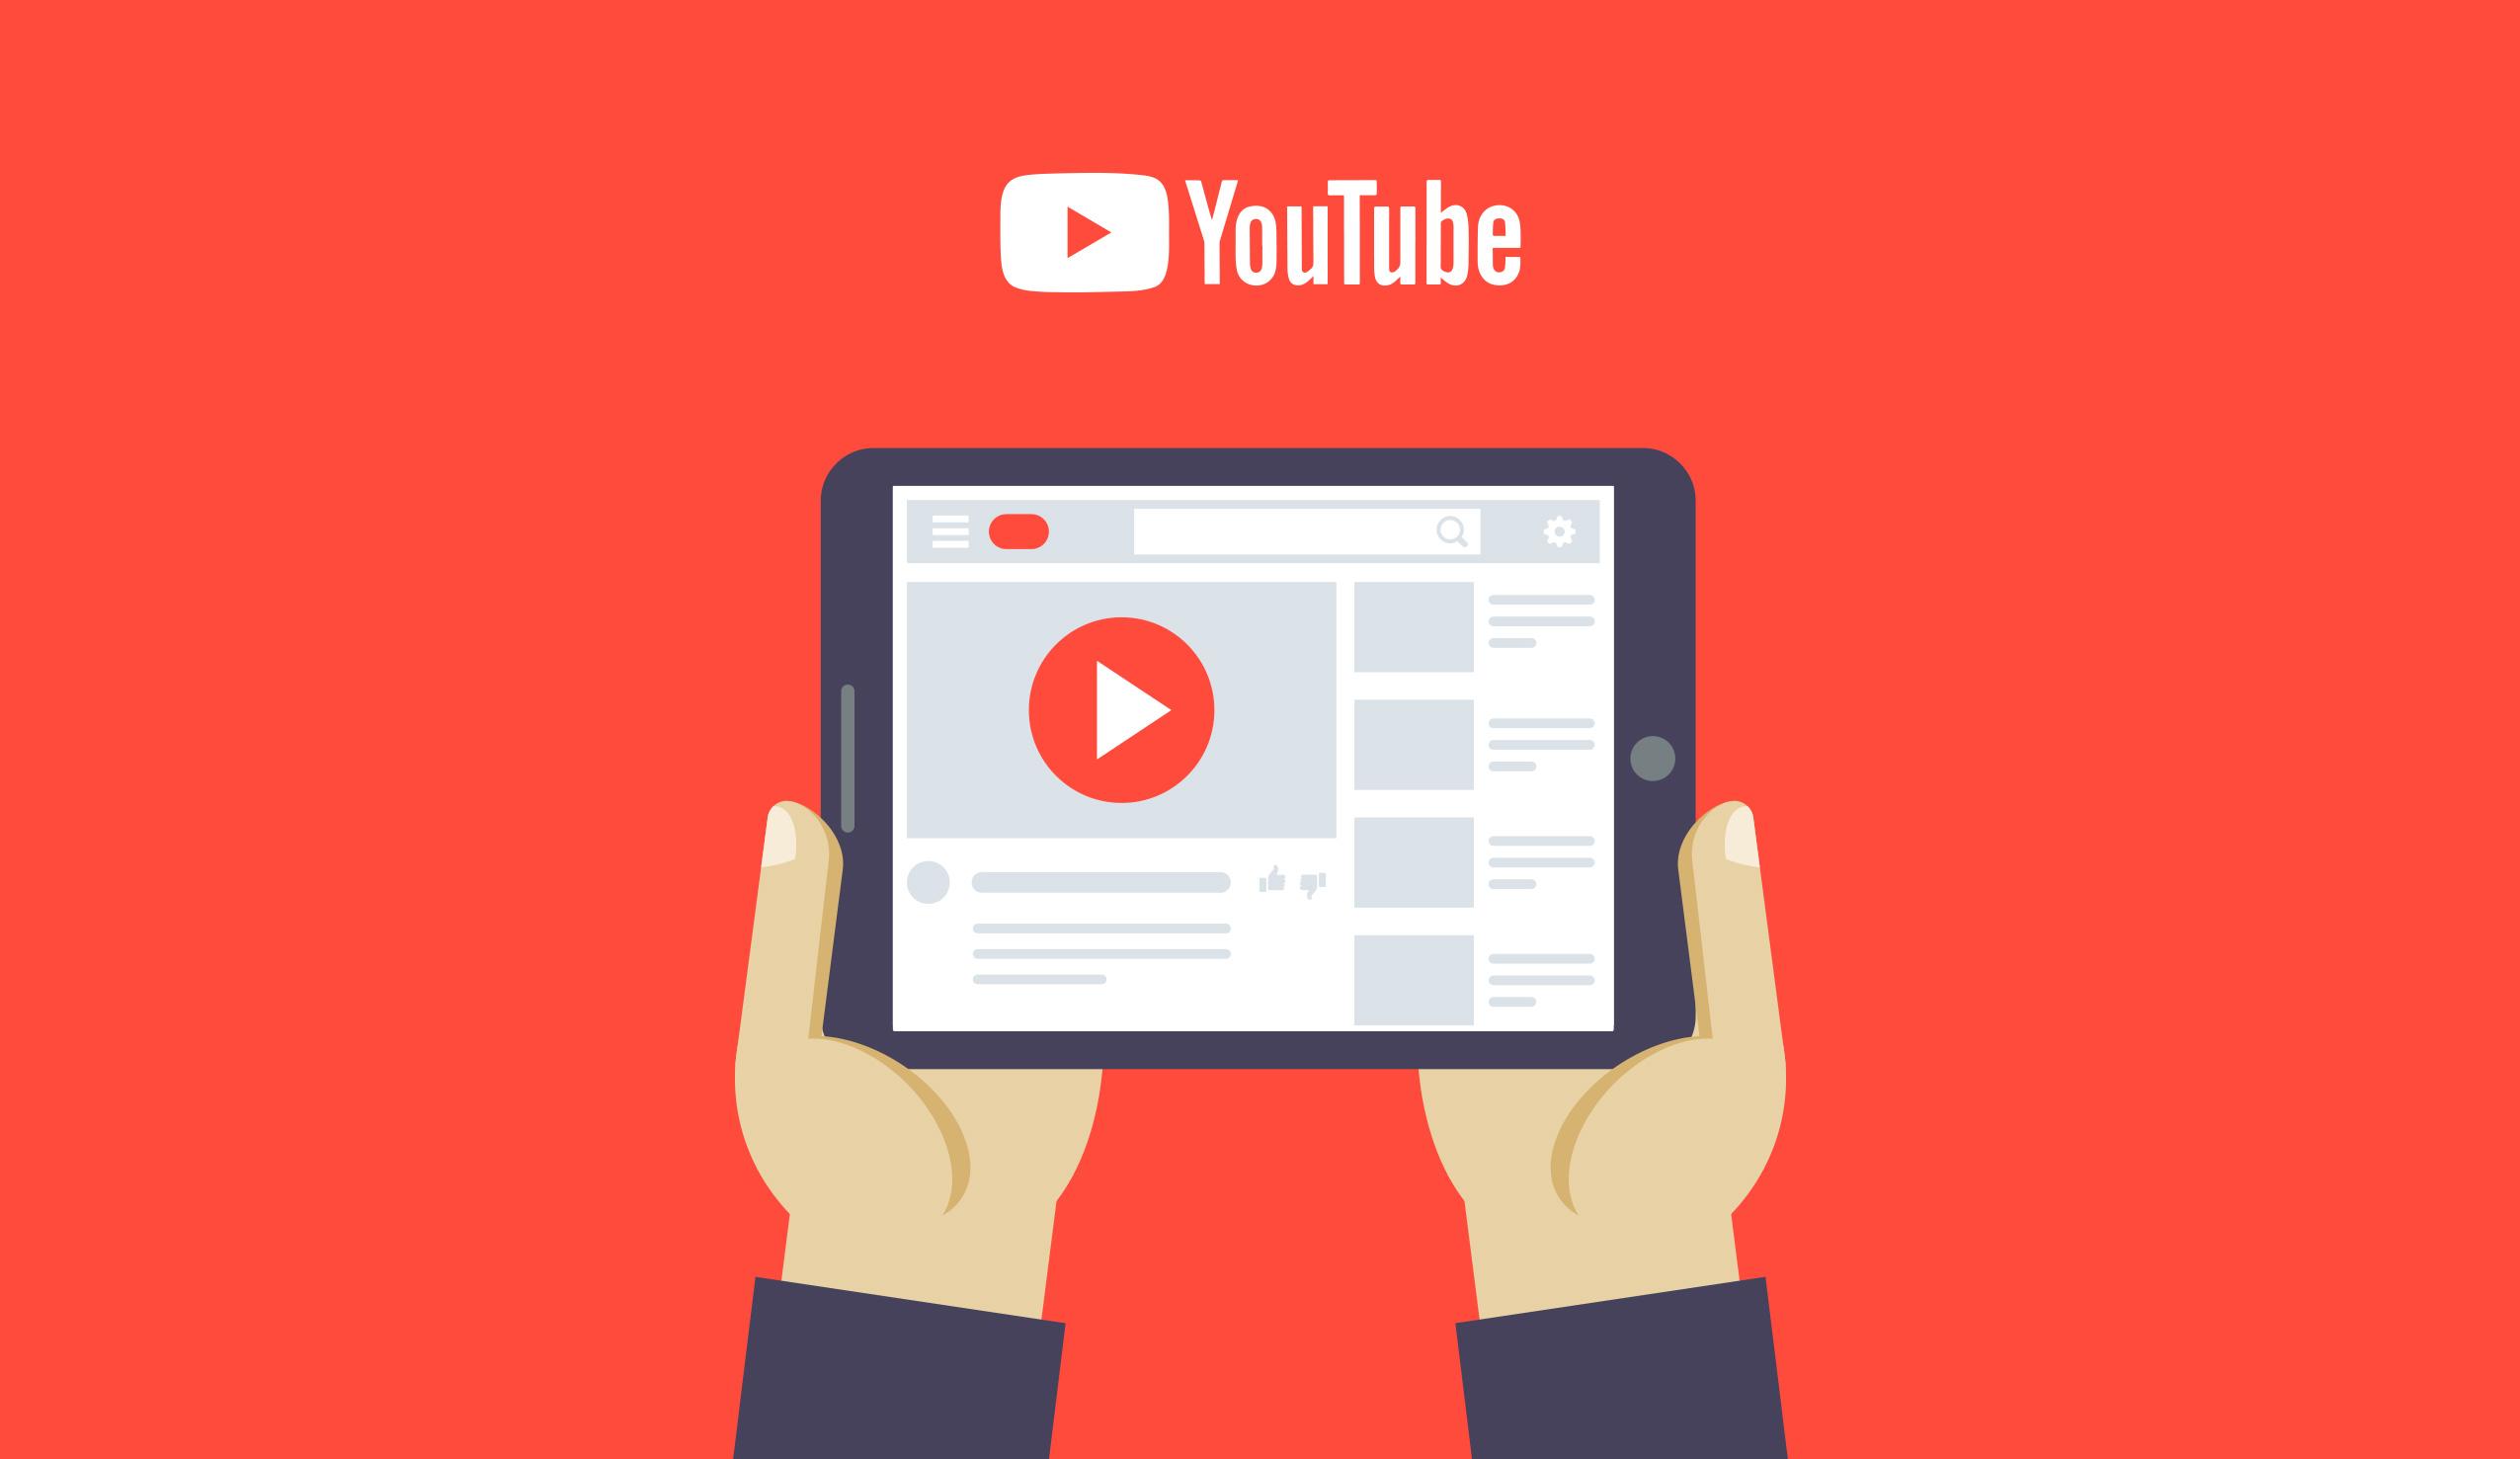 Youtube domina nel traffico mobile e detta il futuro del mercato